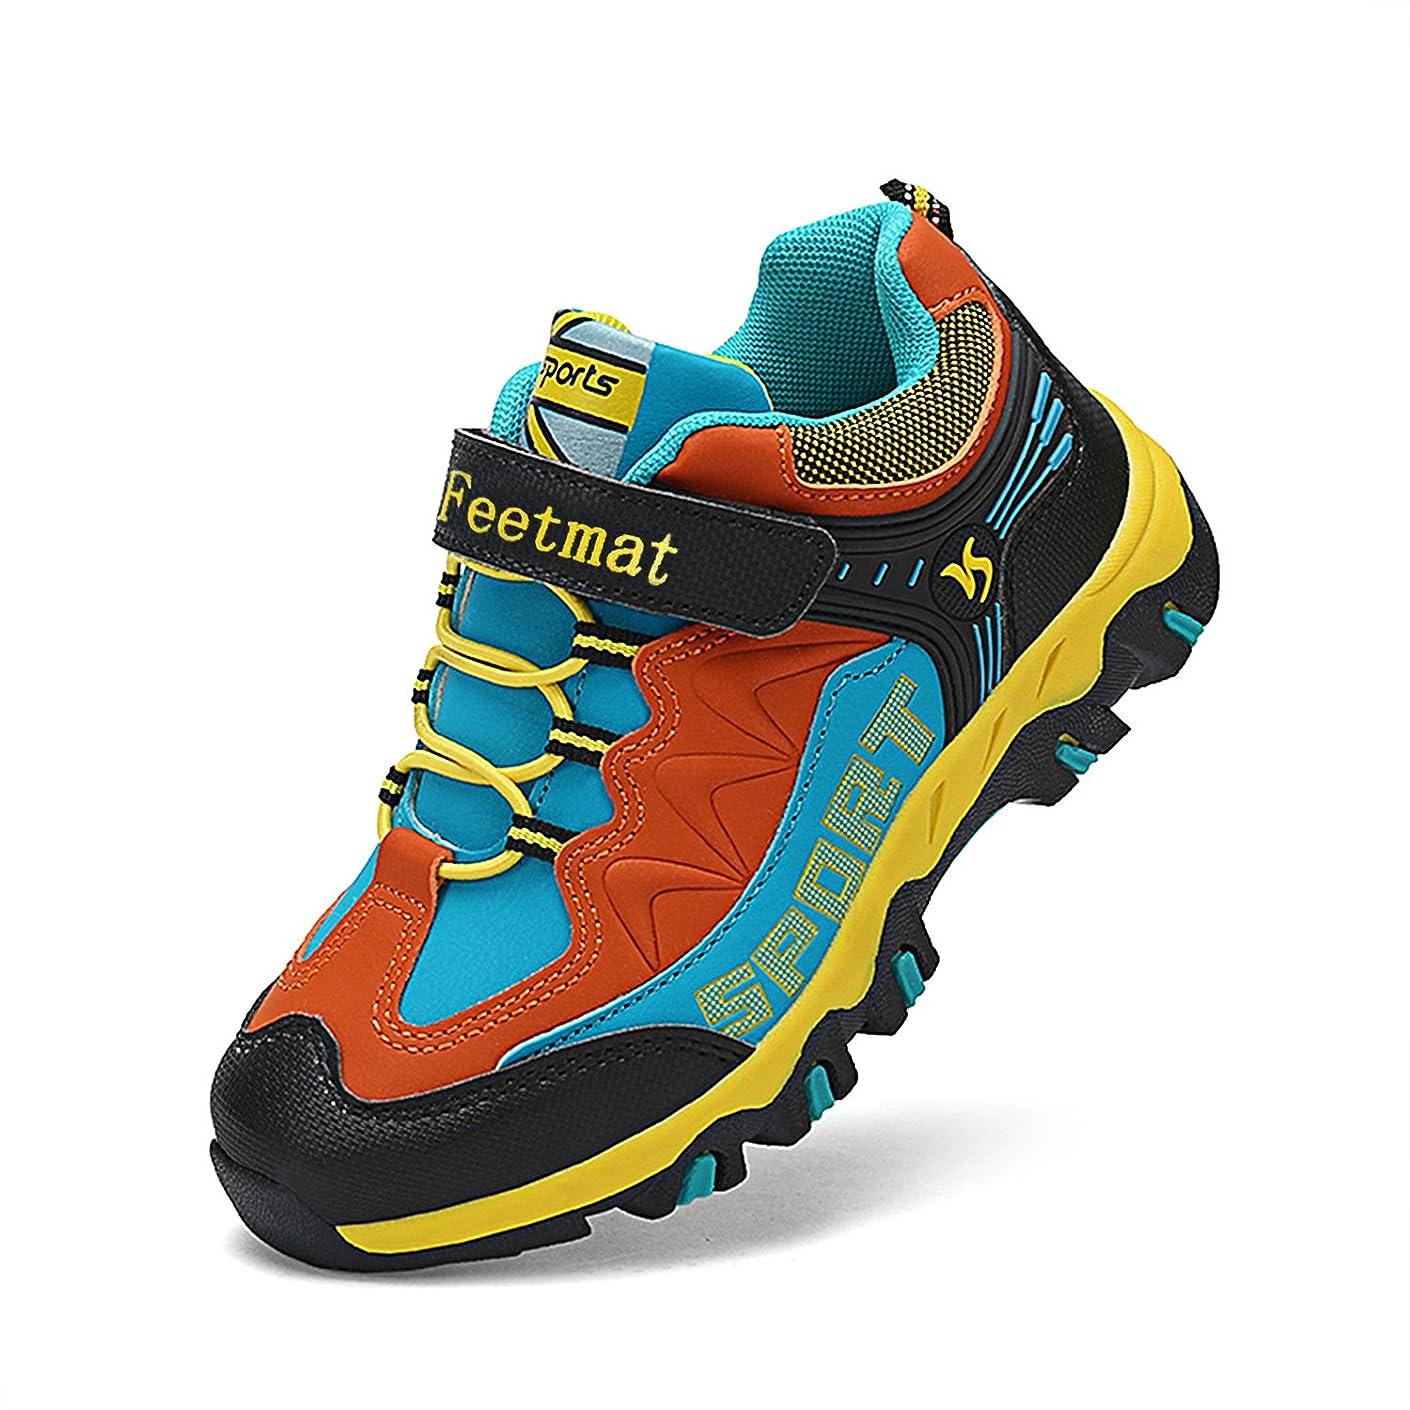 呼吸衝撃キャンバス[Feetmat] スニーカー キッズ 子供靴 ランニングシューズ アウトドア ハイキング 運動靴 通学